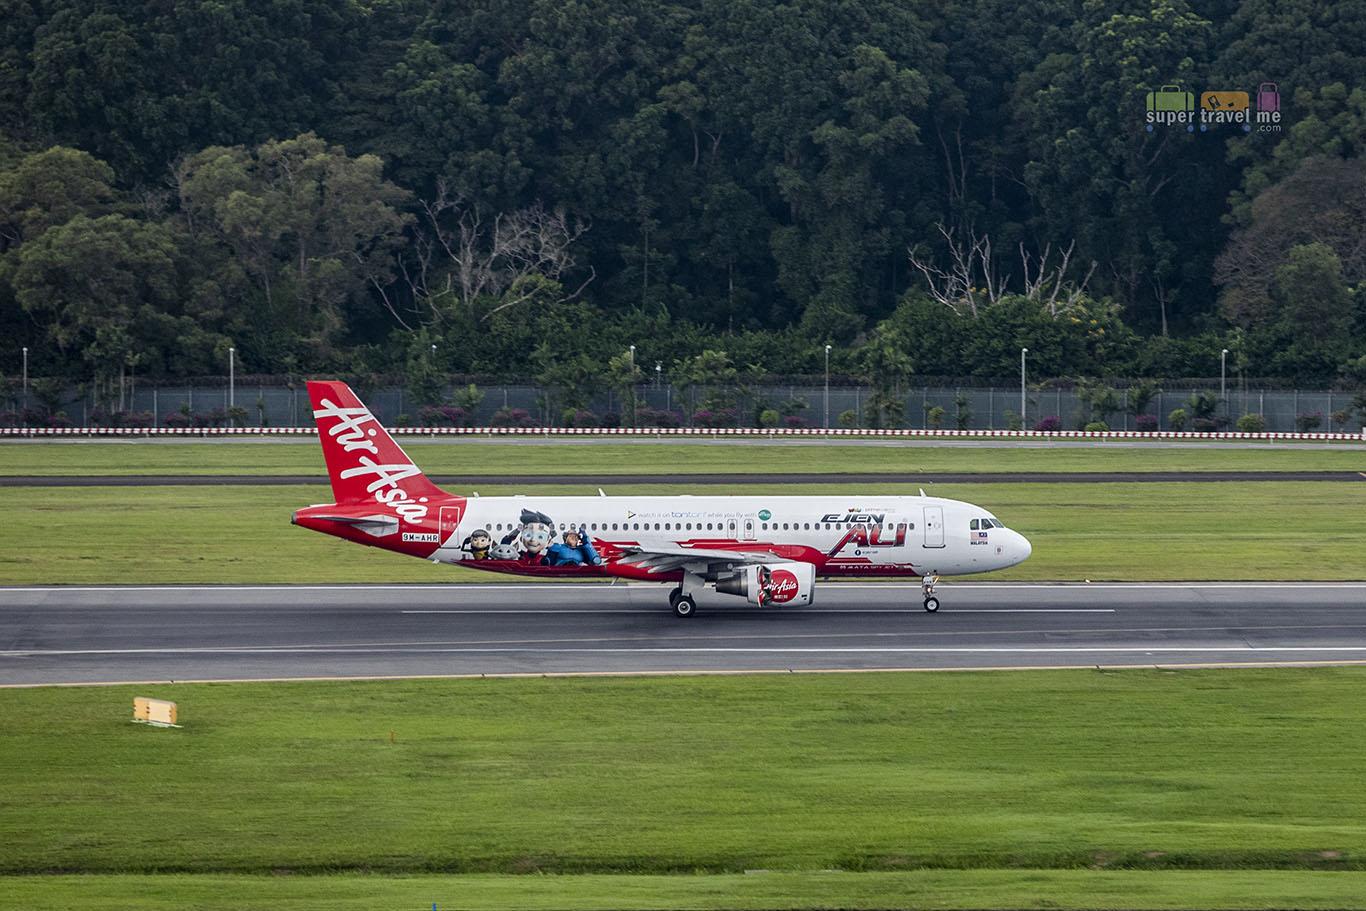 AirAsia Aircraft at Changi Airport